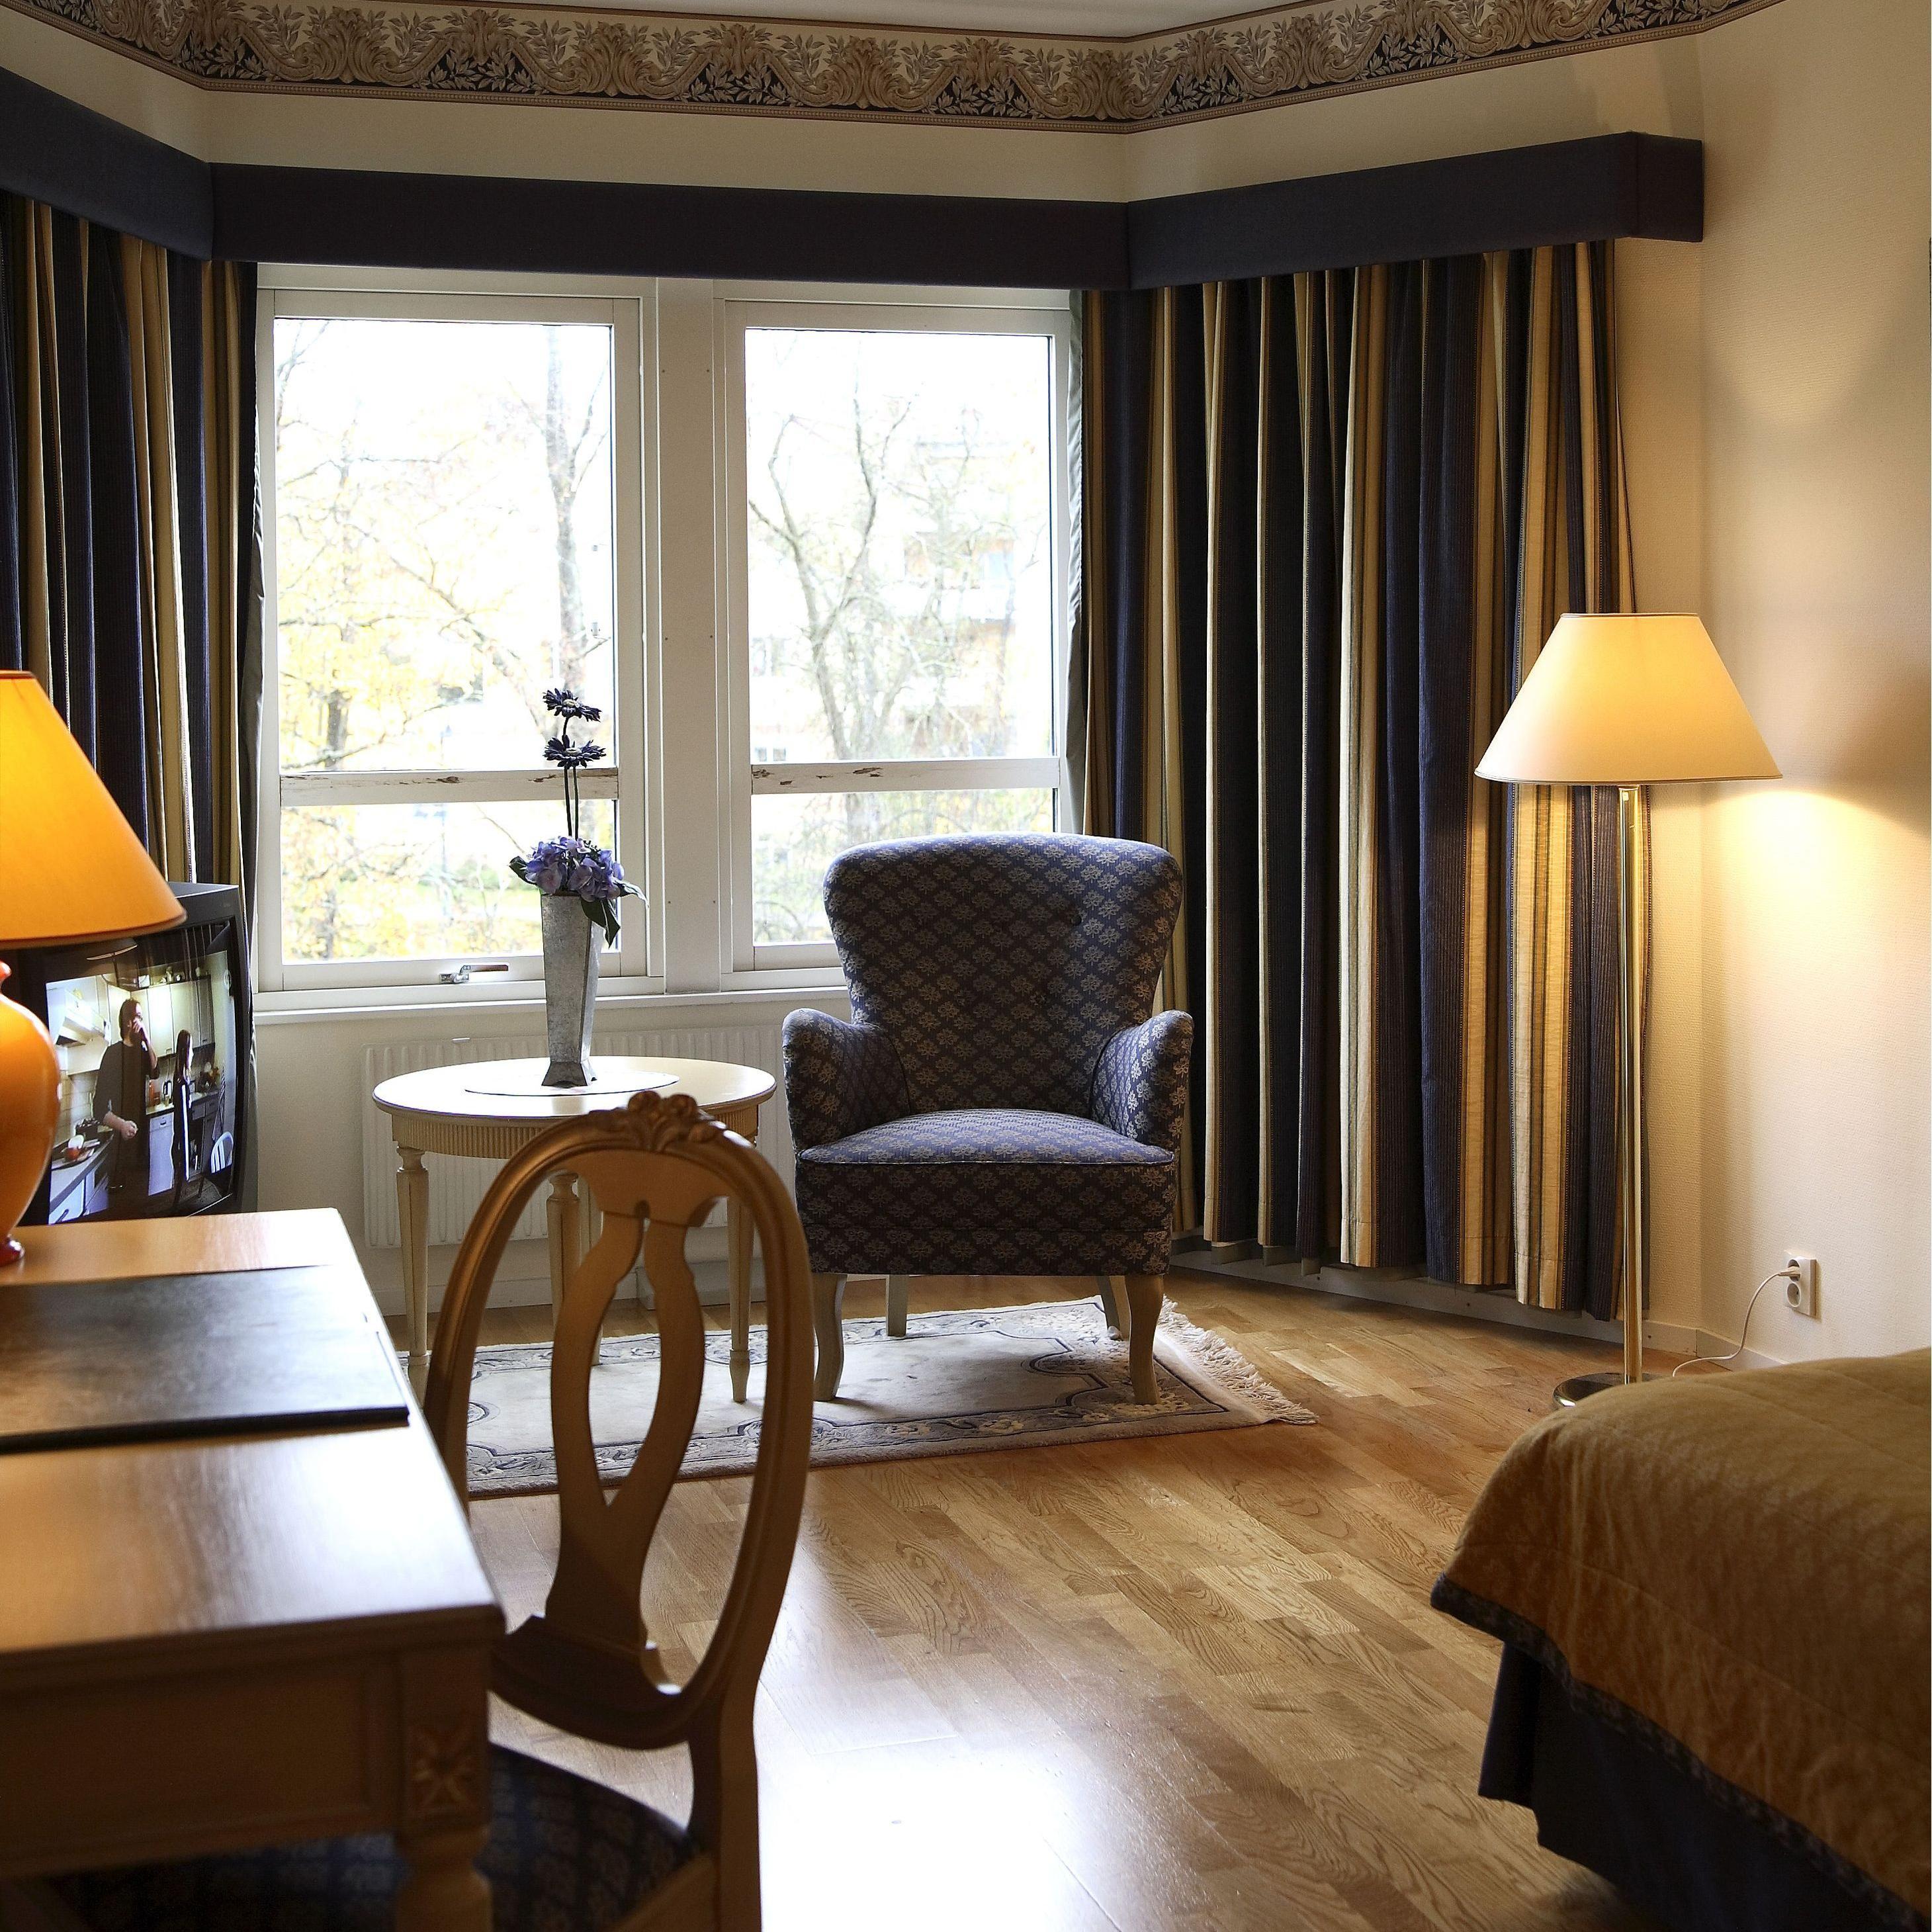 © Hotell Tre Liljor, Hotel Tre Liljor